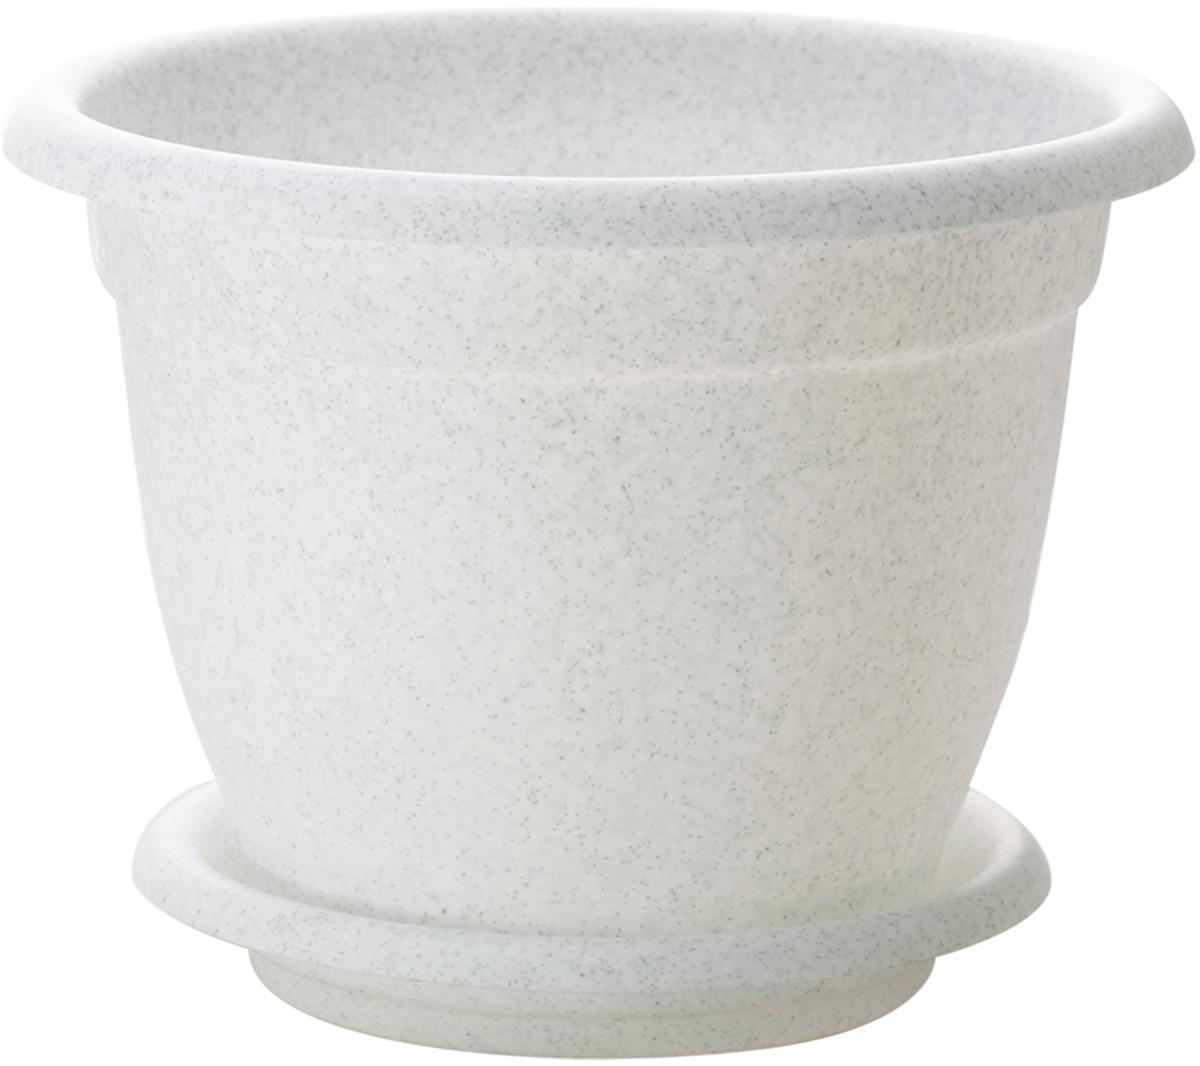 Горшок для цветов InGreen Борнео, с поддоном, цвет: мраморный, диаметр 29 см поддон для балконного ящика ingreen цвет белый длина 60 см